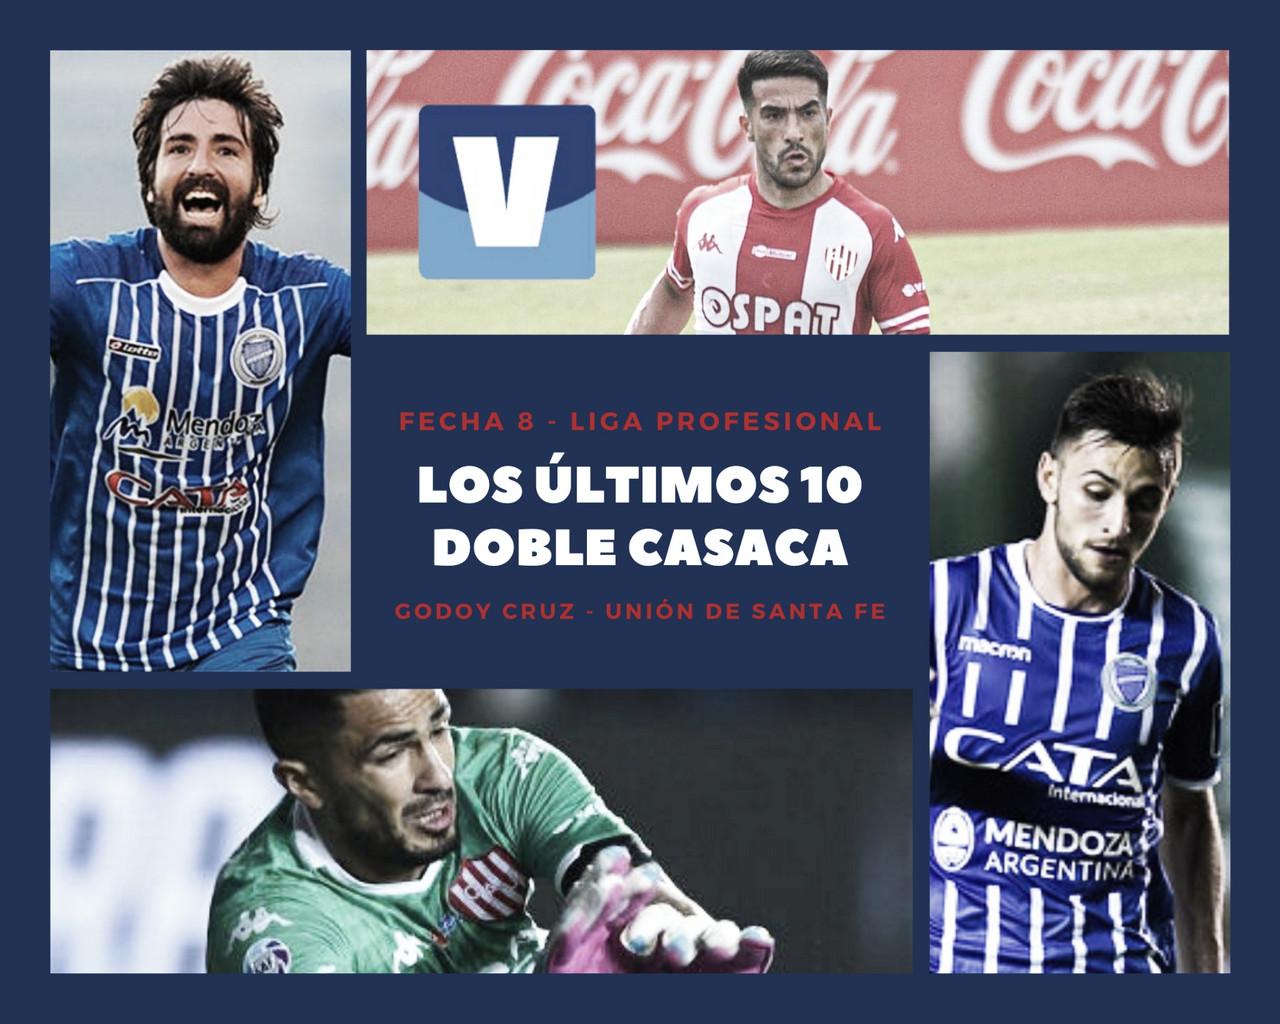 Los doble casaca: Godoy Cruz - Unión